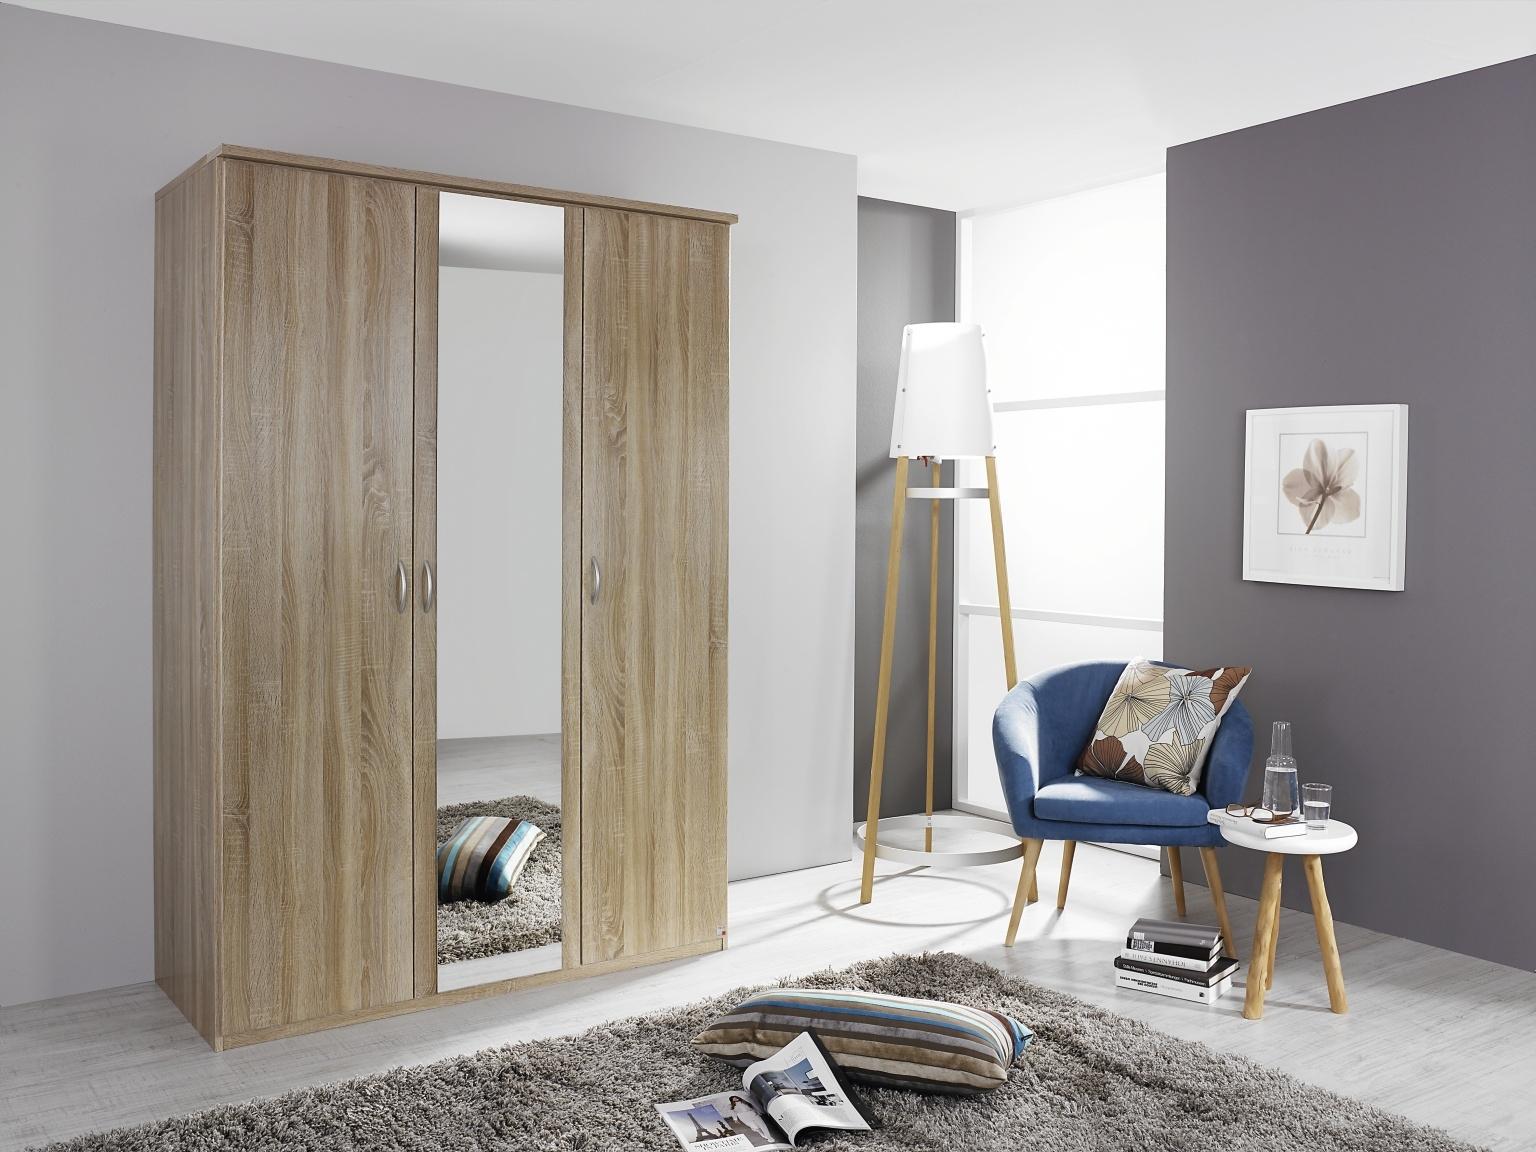 Rauch Blitz Sonoma Oak 2 Door Wardrobe with 1 Mirror